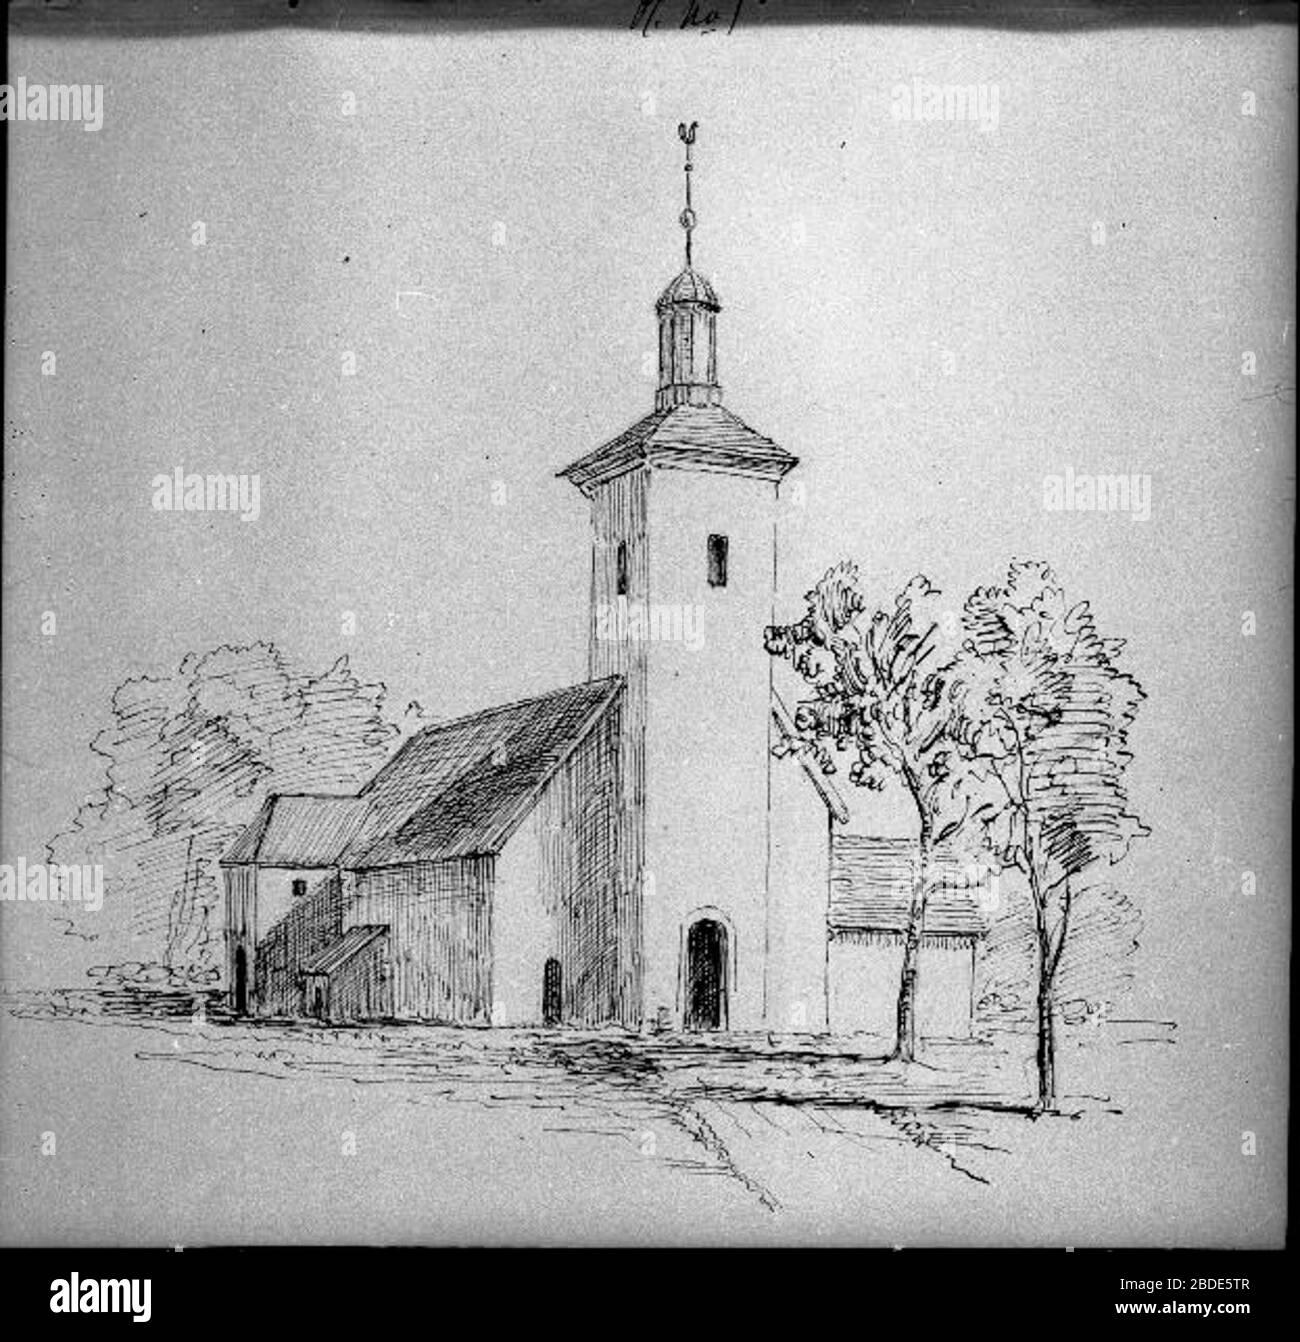 Fil:Salongsinterir frn Kobergs slott, Bjrke hrad - Wikipedia